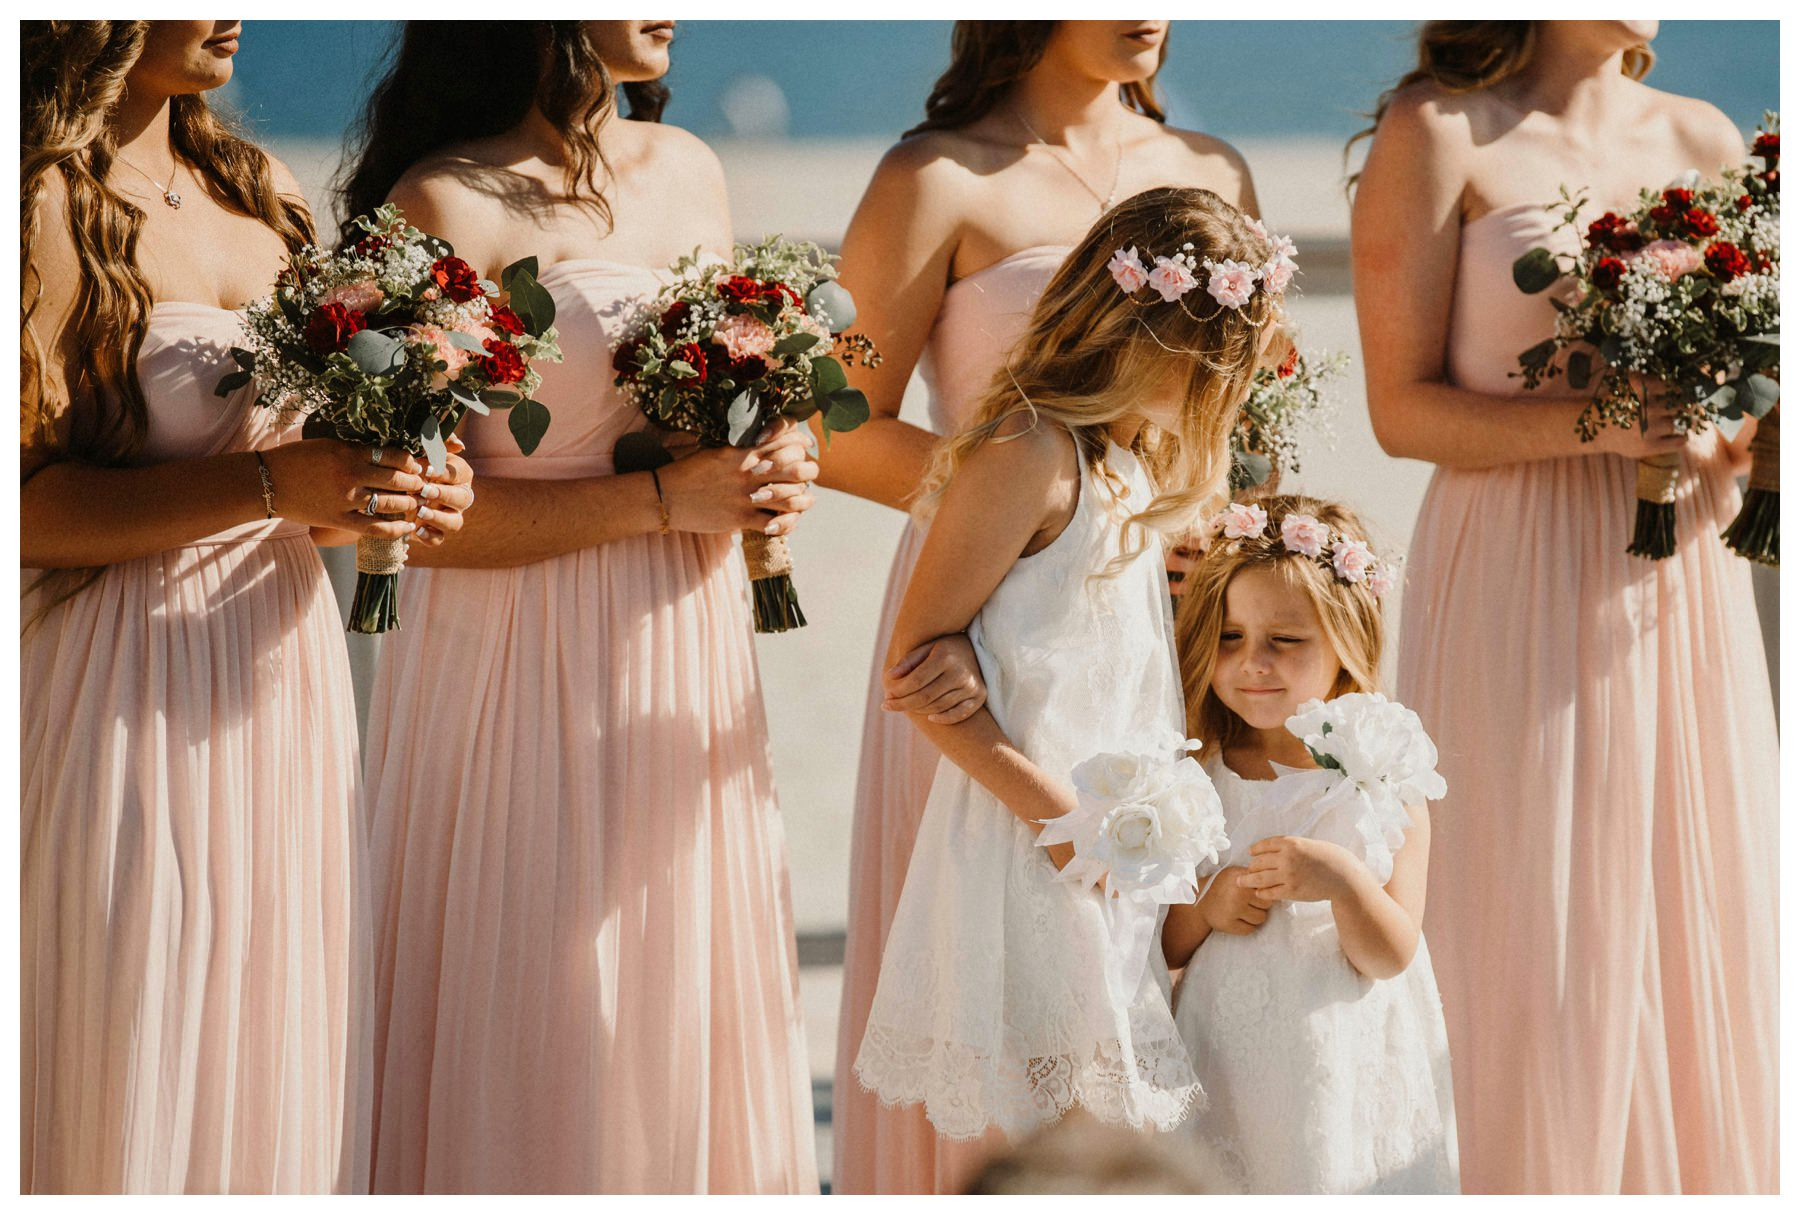 Coronado_Beach_Wedding_Singler_Photography_0025.jpg